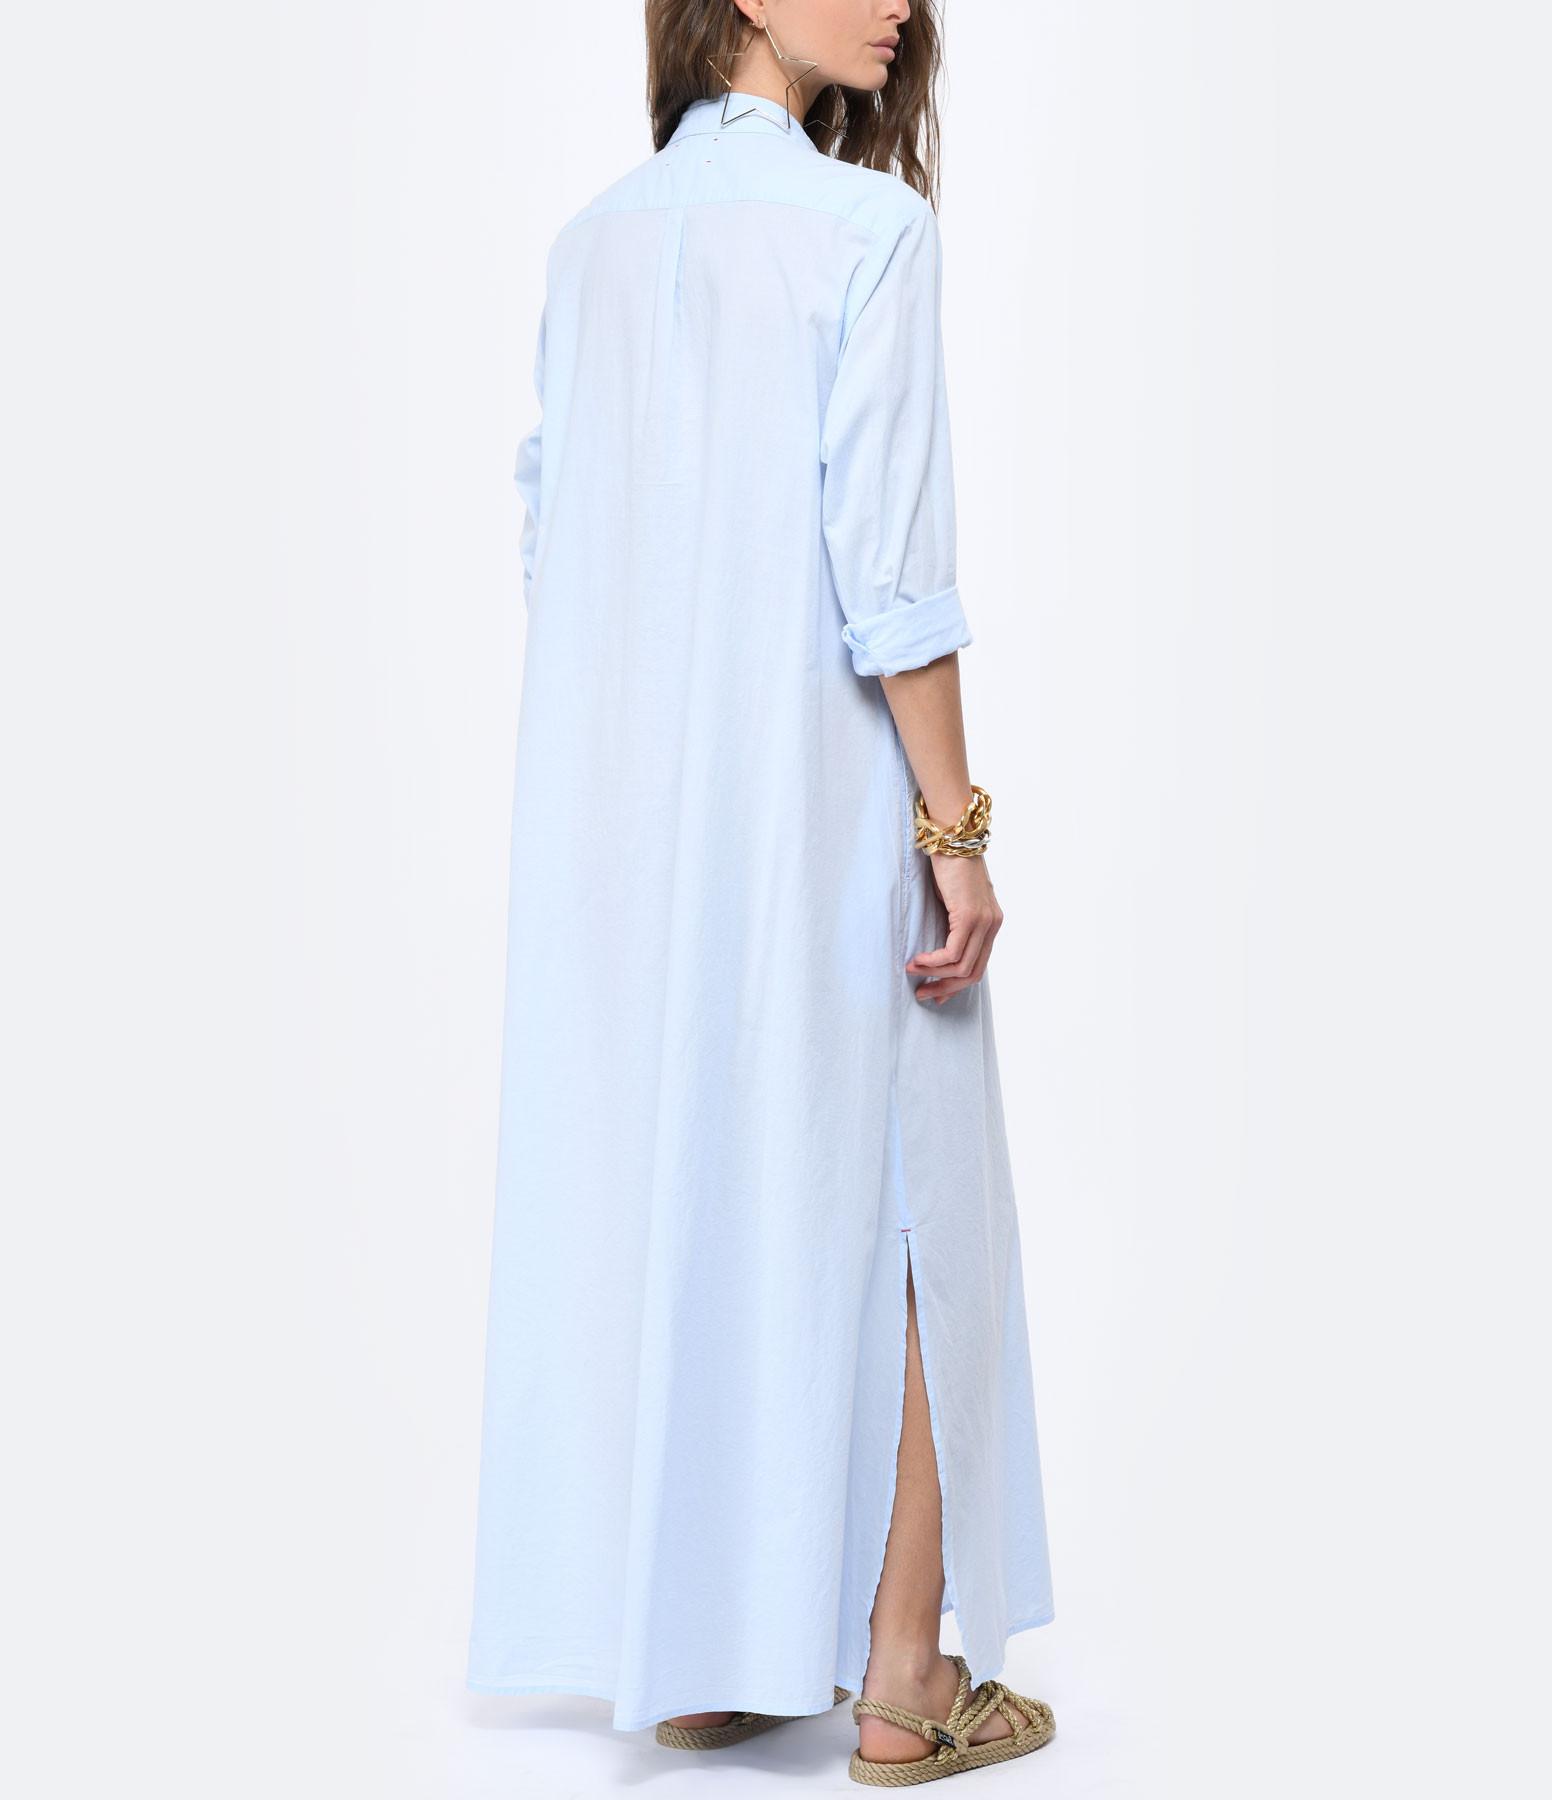 XIRENA - Robe Boden Coton Bleu Ciel